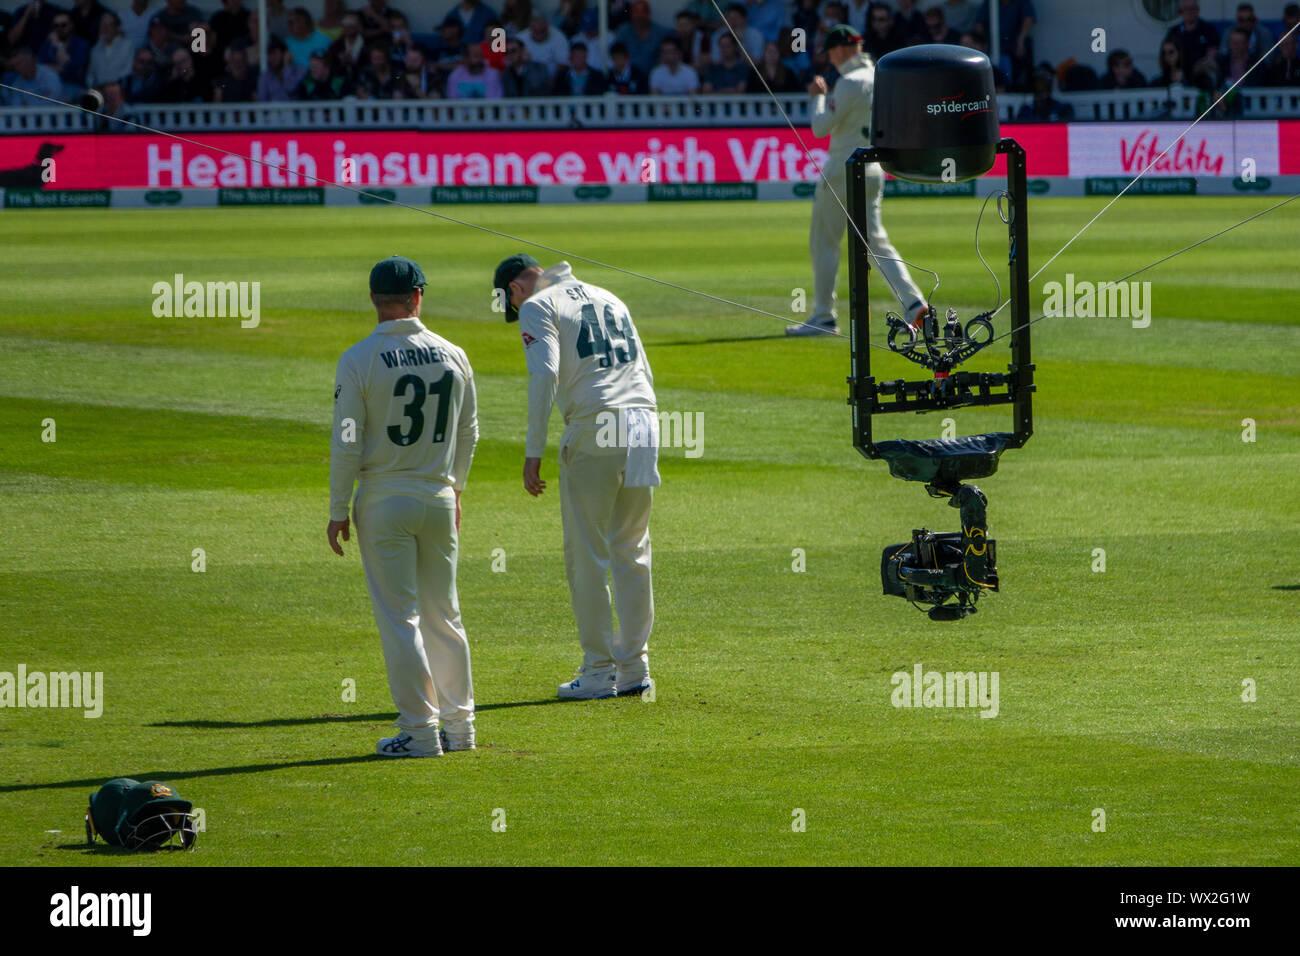 Spidercam en el óvalo de Inglaterra. v Australia Test Match.La Spidercam es un sistema que permite que las cámaras de cine y televisión para mover verticalmente y horizontalmente sobre una determinada área, generalmente el campo de juego de un evento deportivo como un cricket pitch, campo de fútbol o una pista de tenis. El nombre Spidercam es una marca registrada. Foto de stock